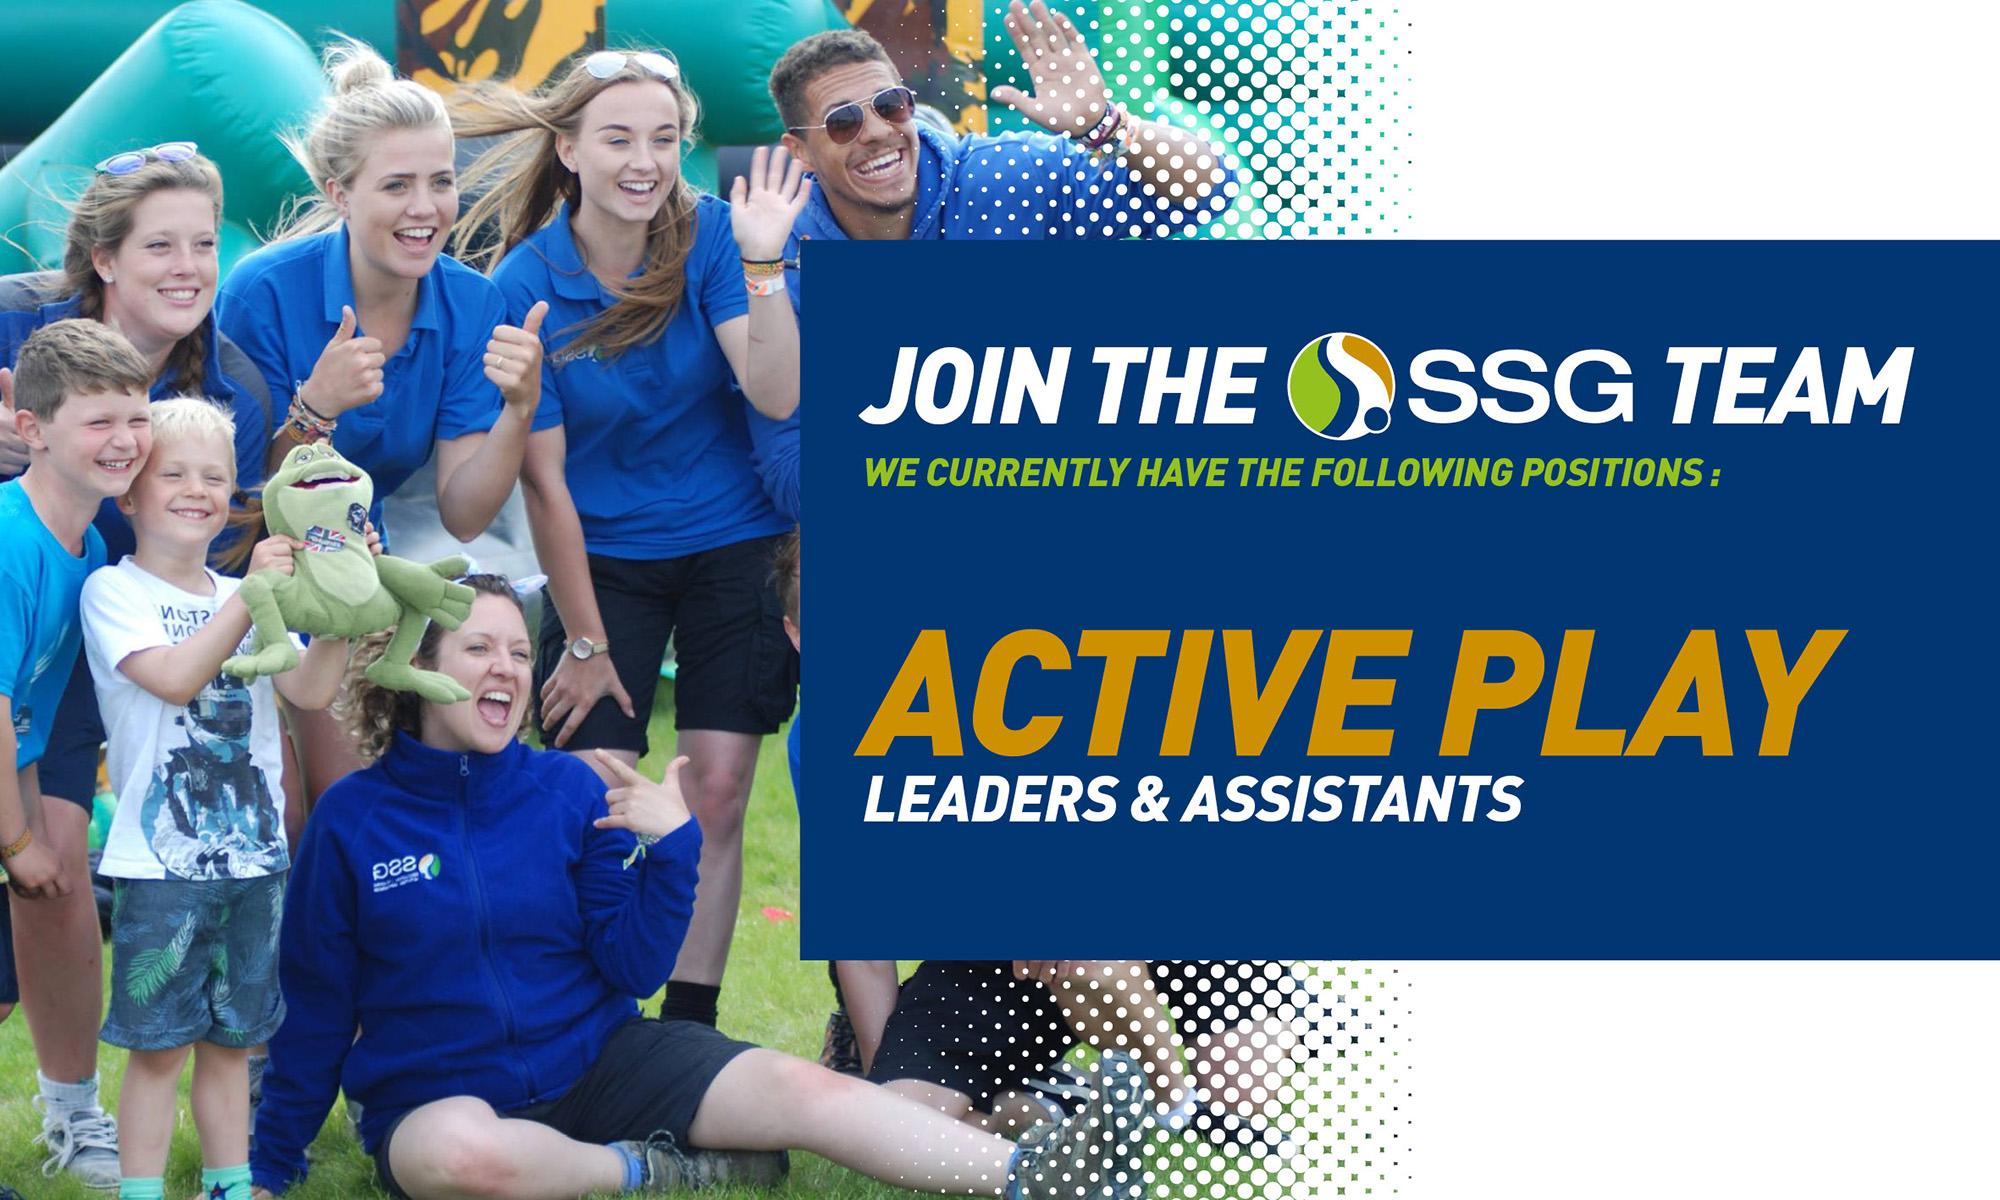 SSG_Job_FB_Active